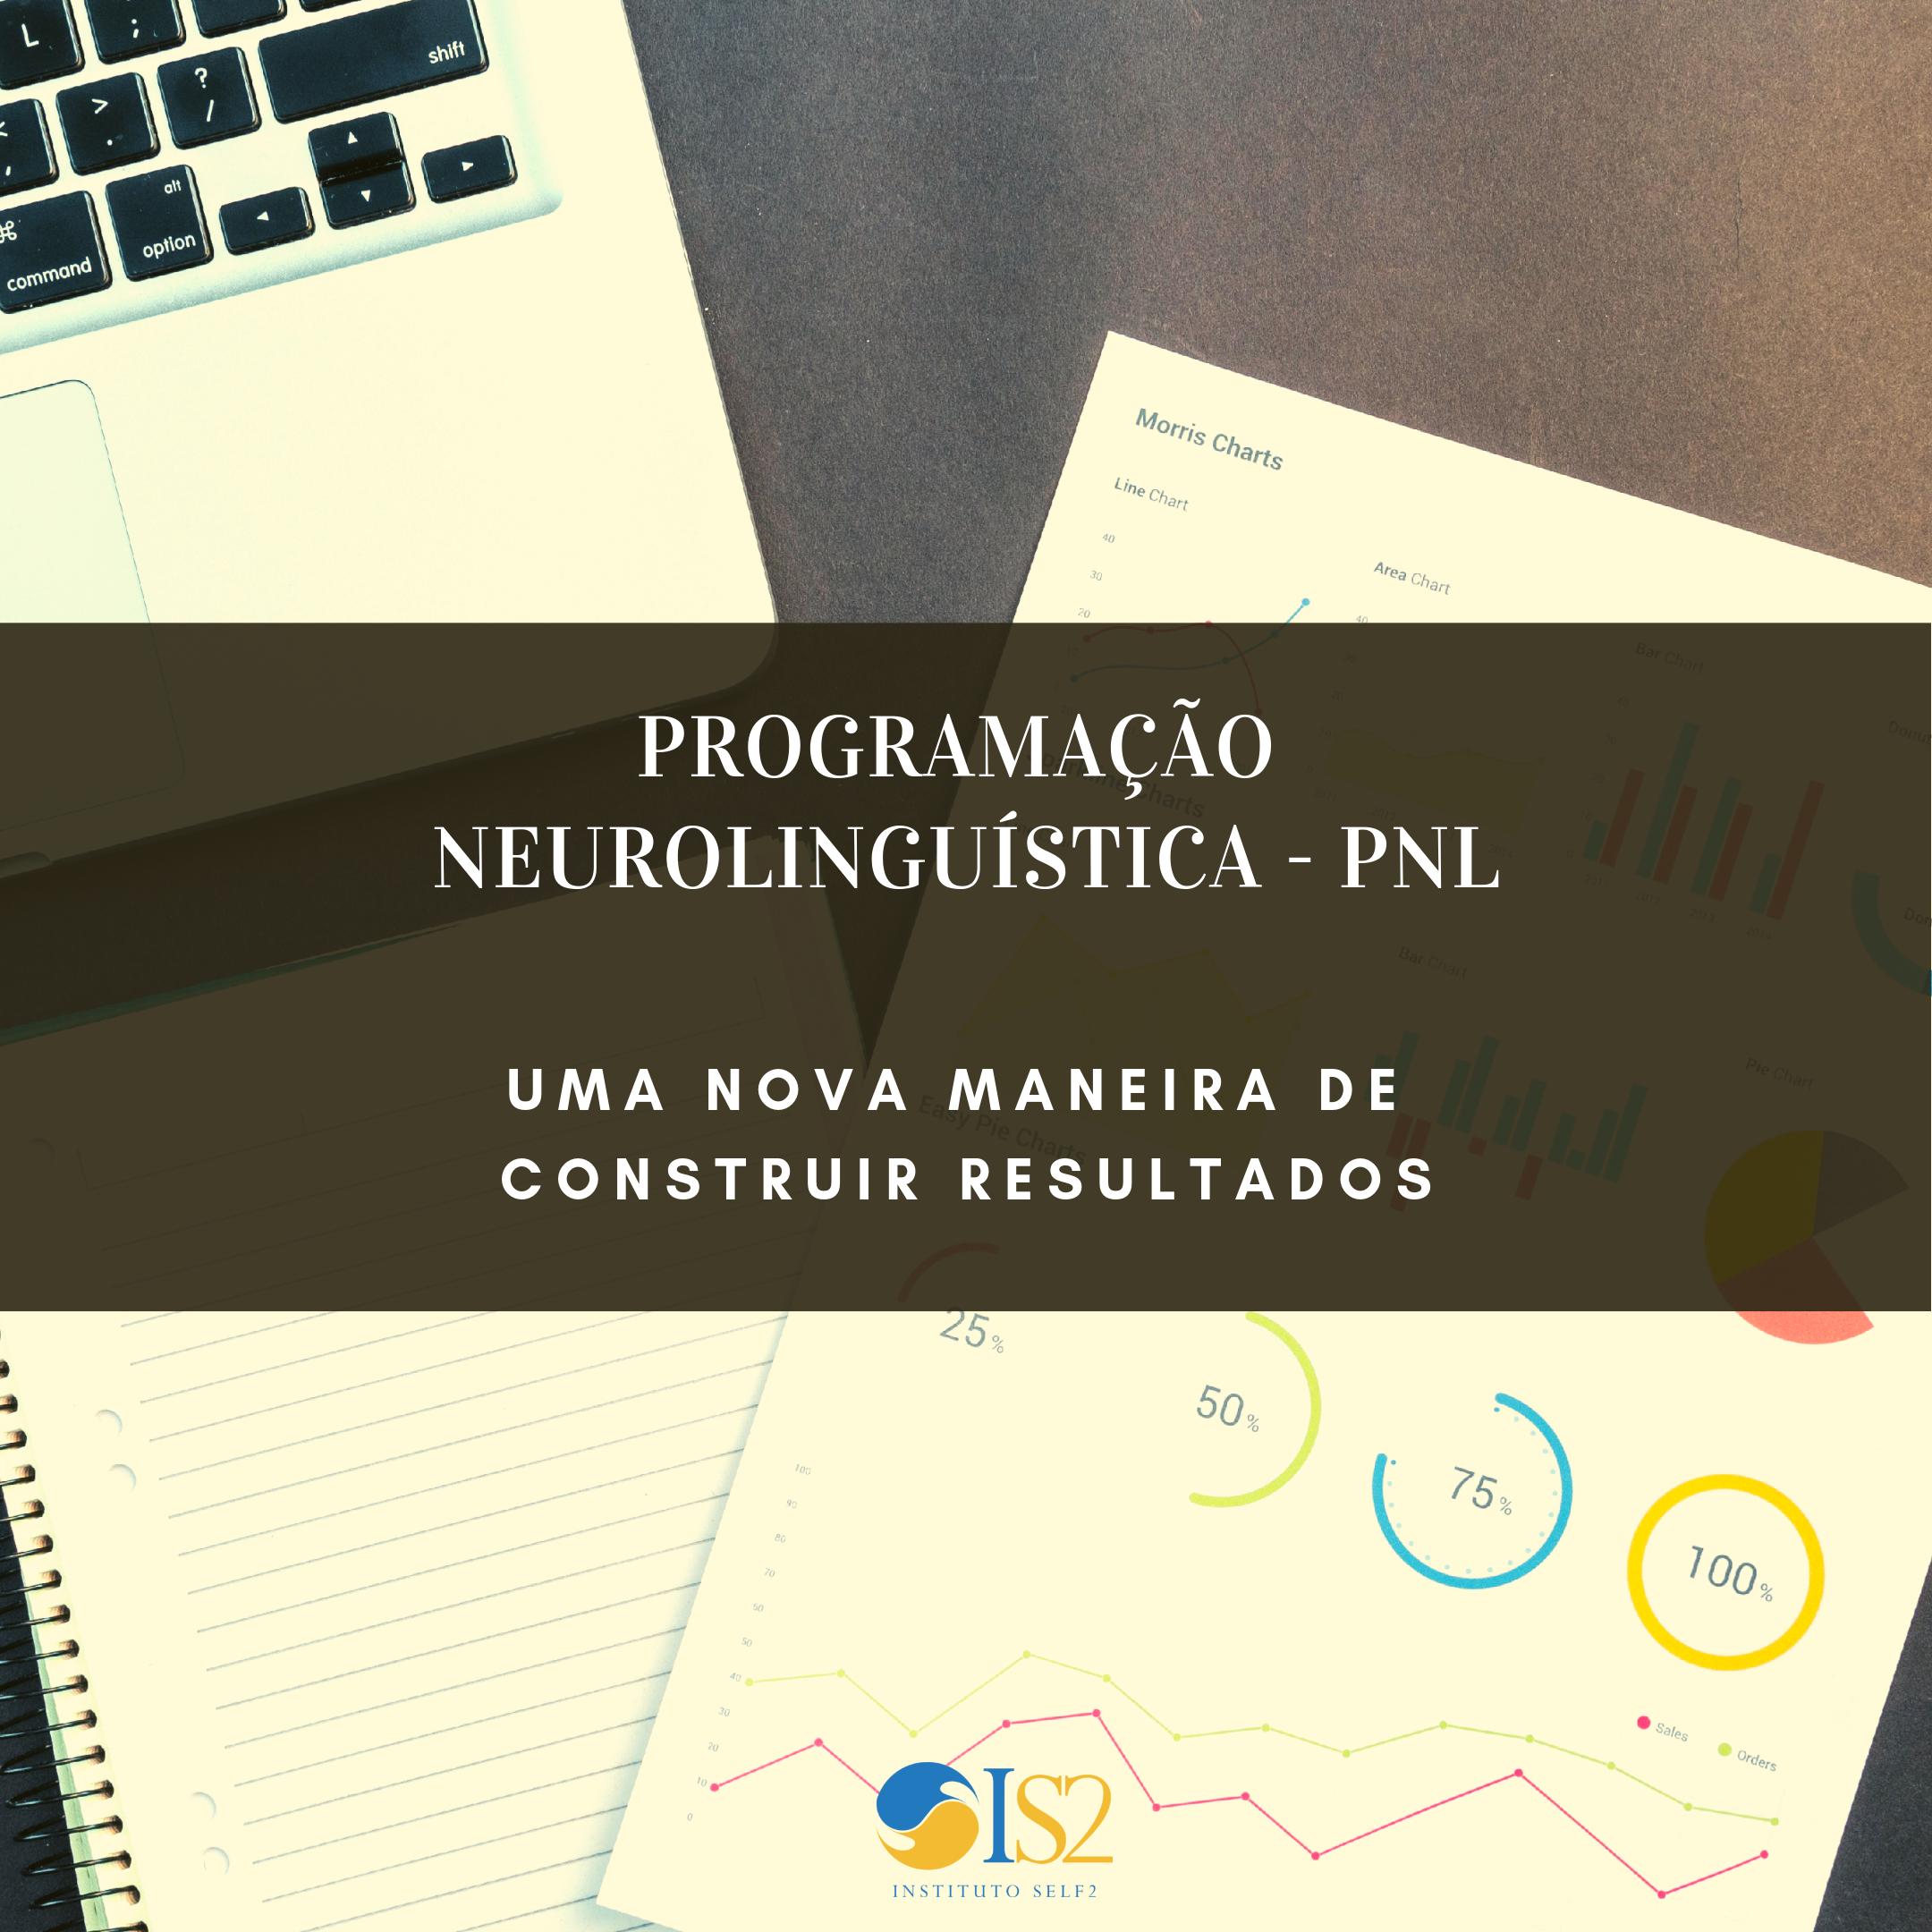 Programação Neurolinguísticca - PNL